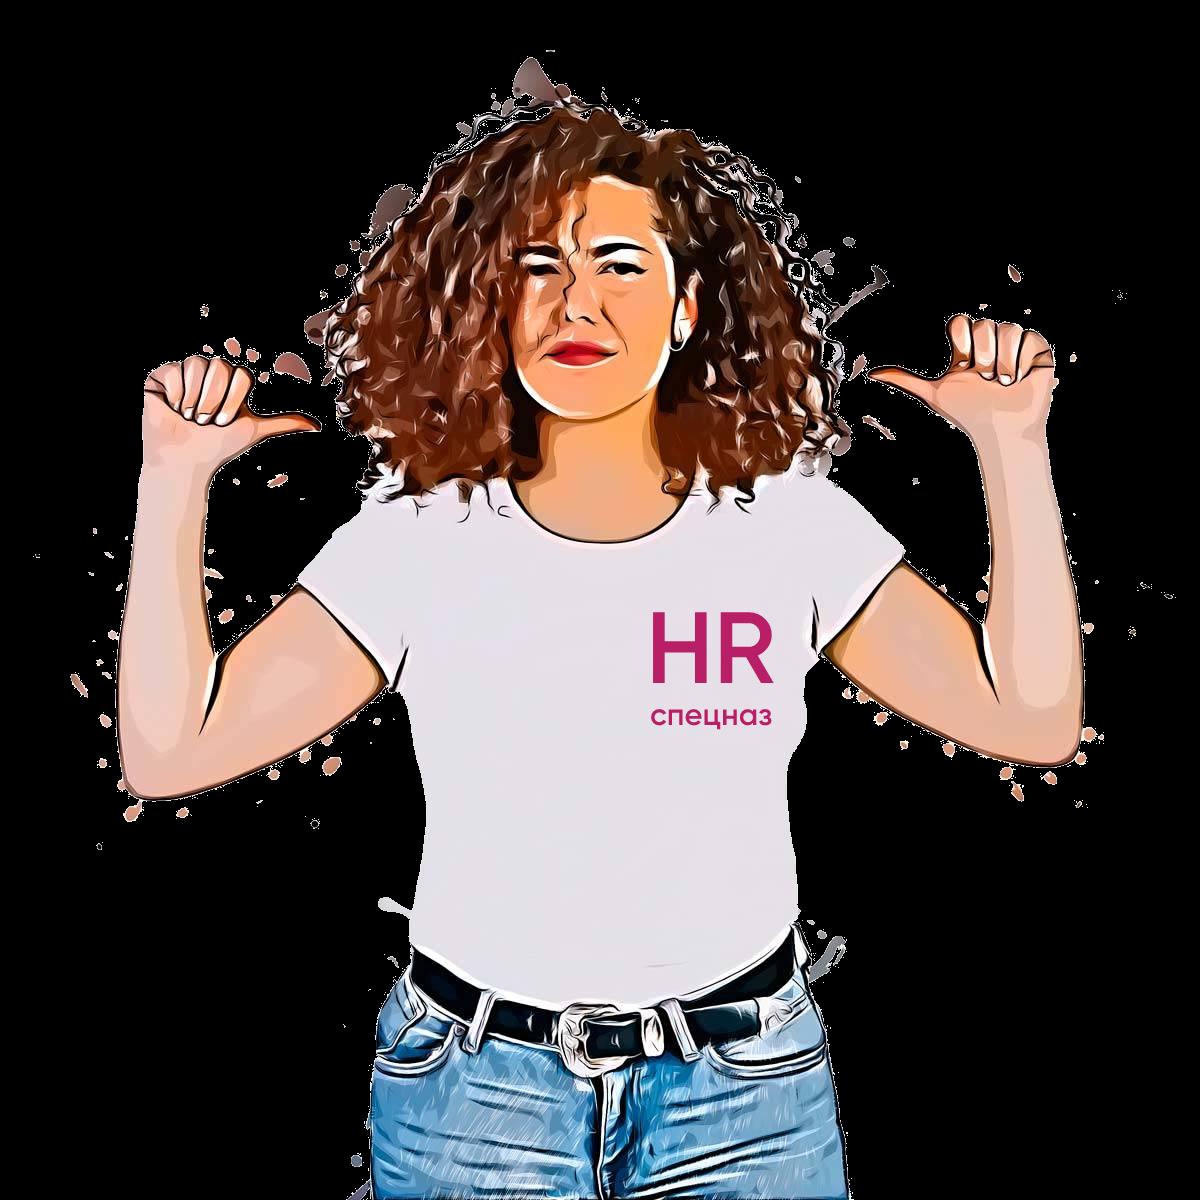 HR-спецназ